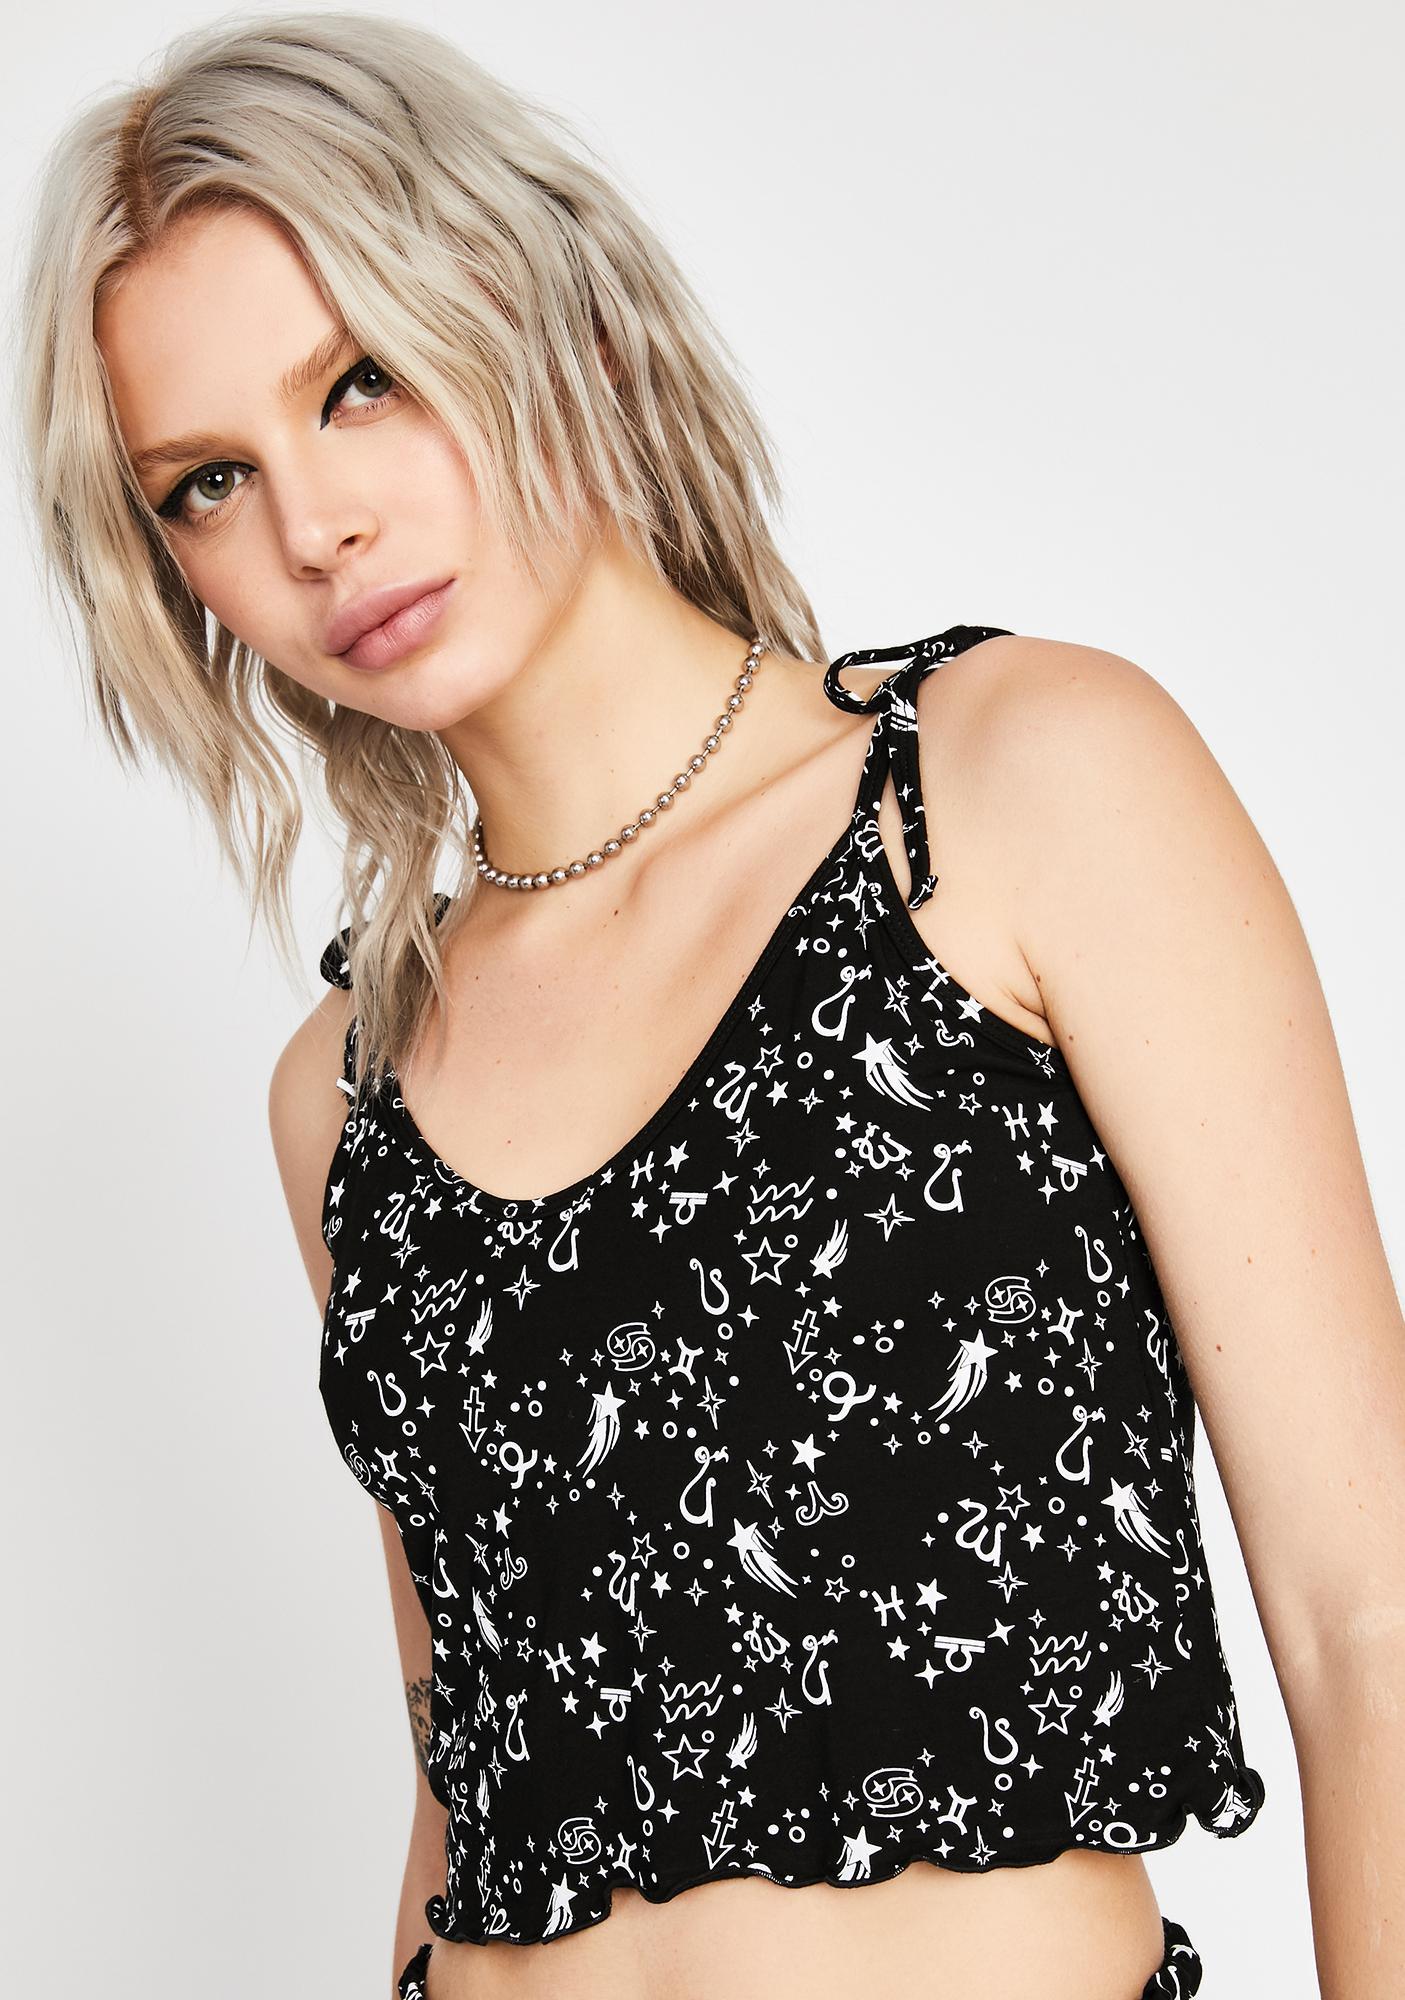 HOROSCOPEZ Cosmic Couture Pajama Top